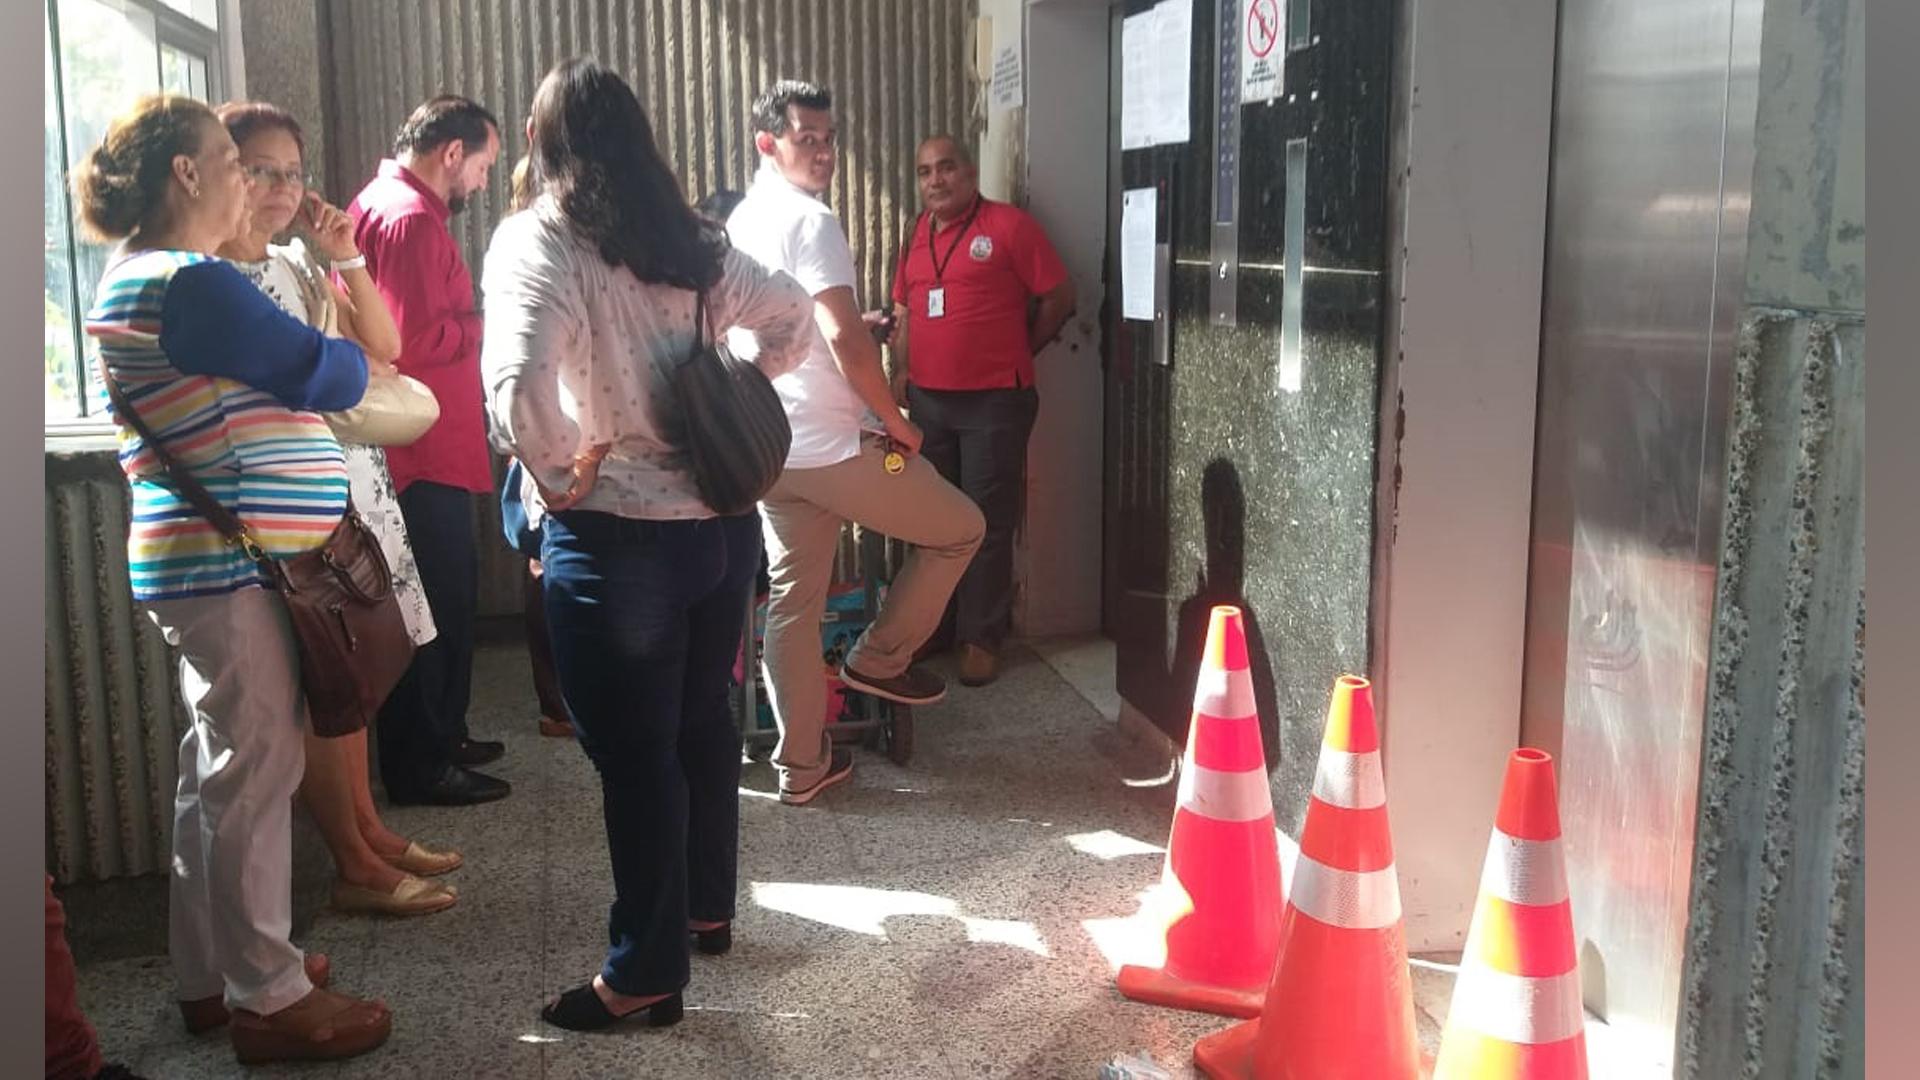 Las personas tienen que hacer largas filas para poder utilizar el único ascensor en servicio del edificio Rodrigo Lara Bonilla.